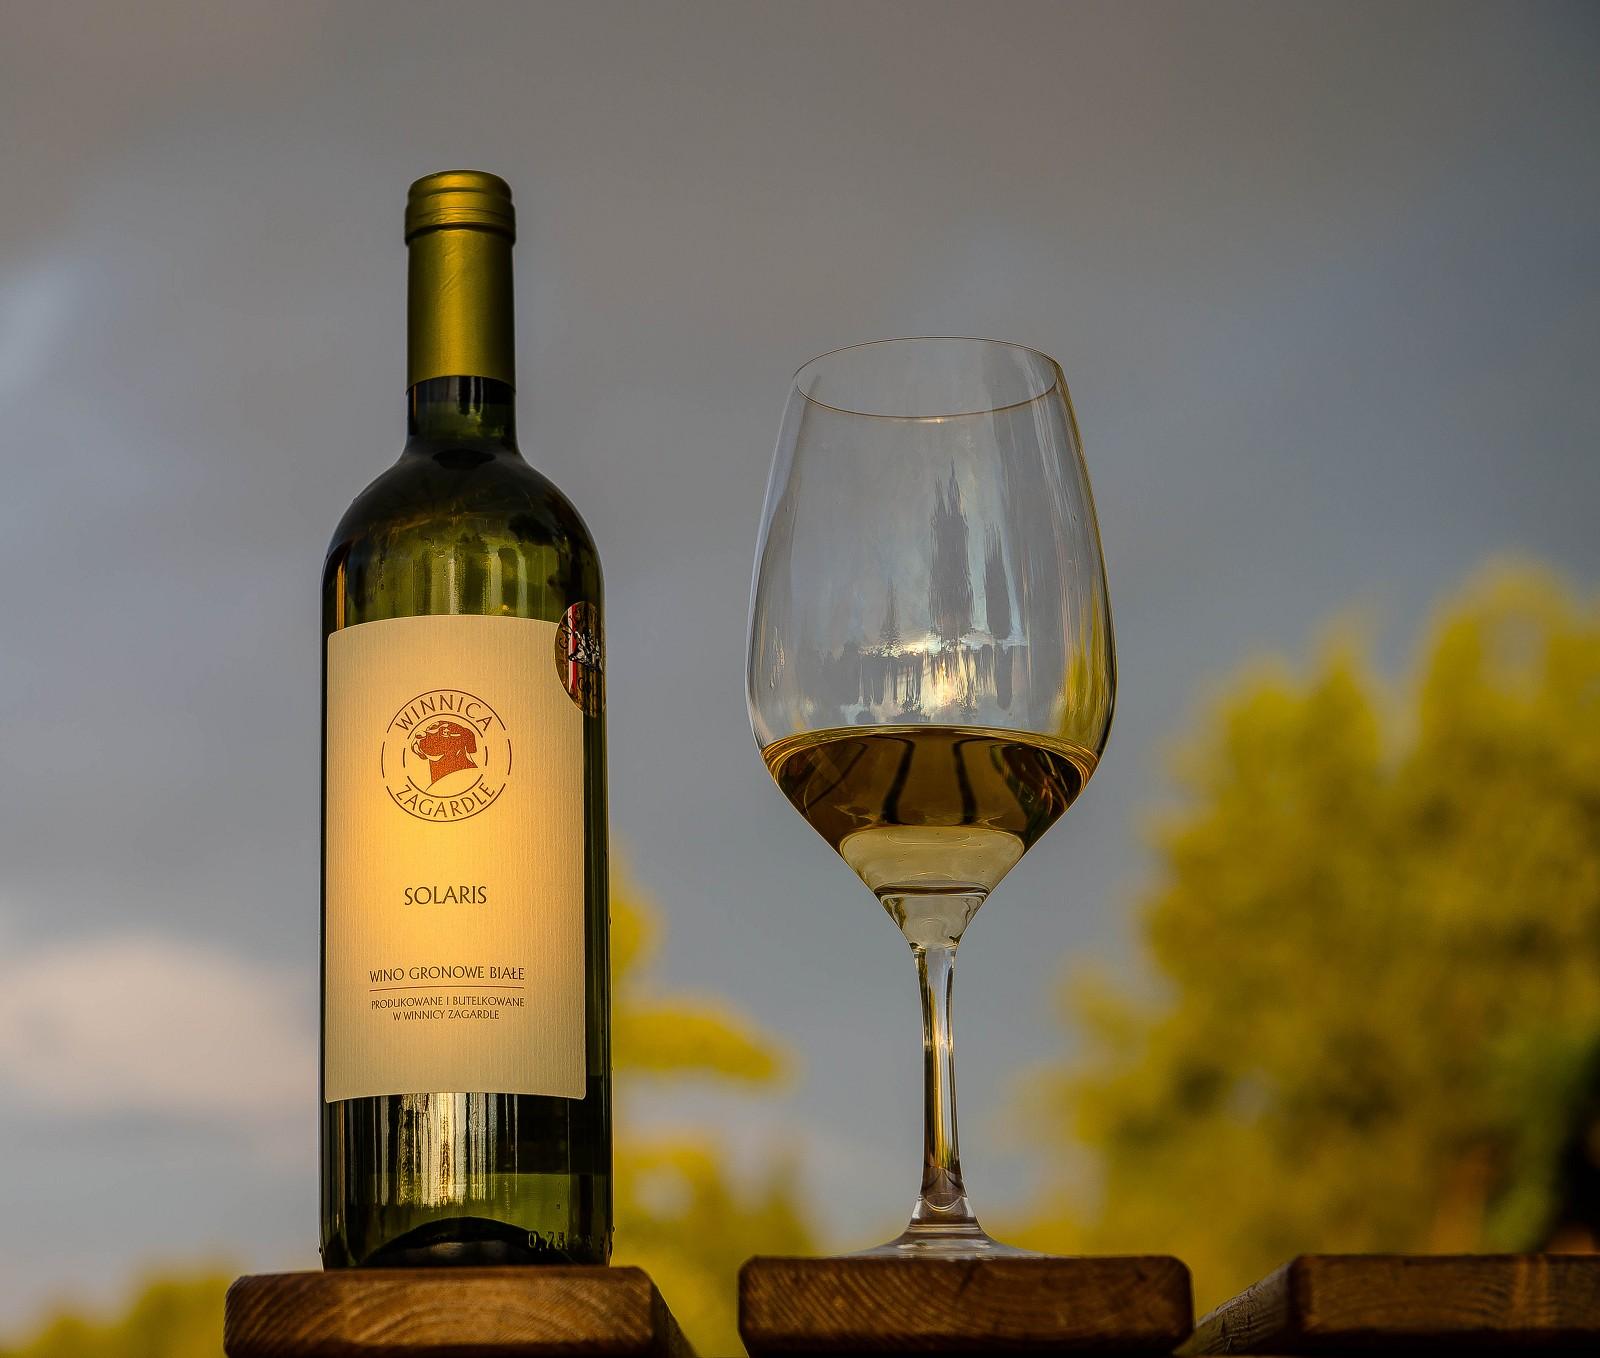 polskie, wino, polishwine, białe wino, winnica, polskie wino